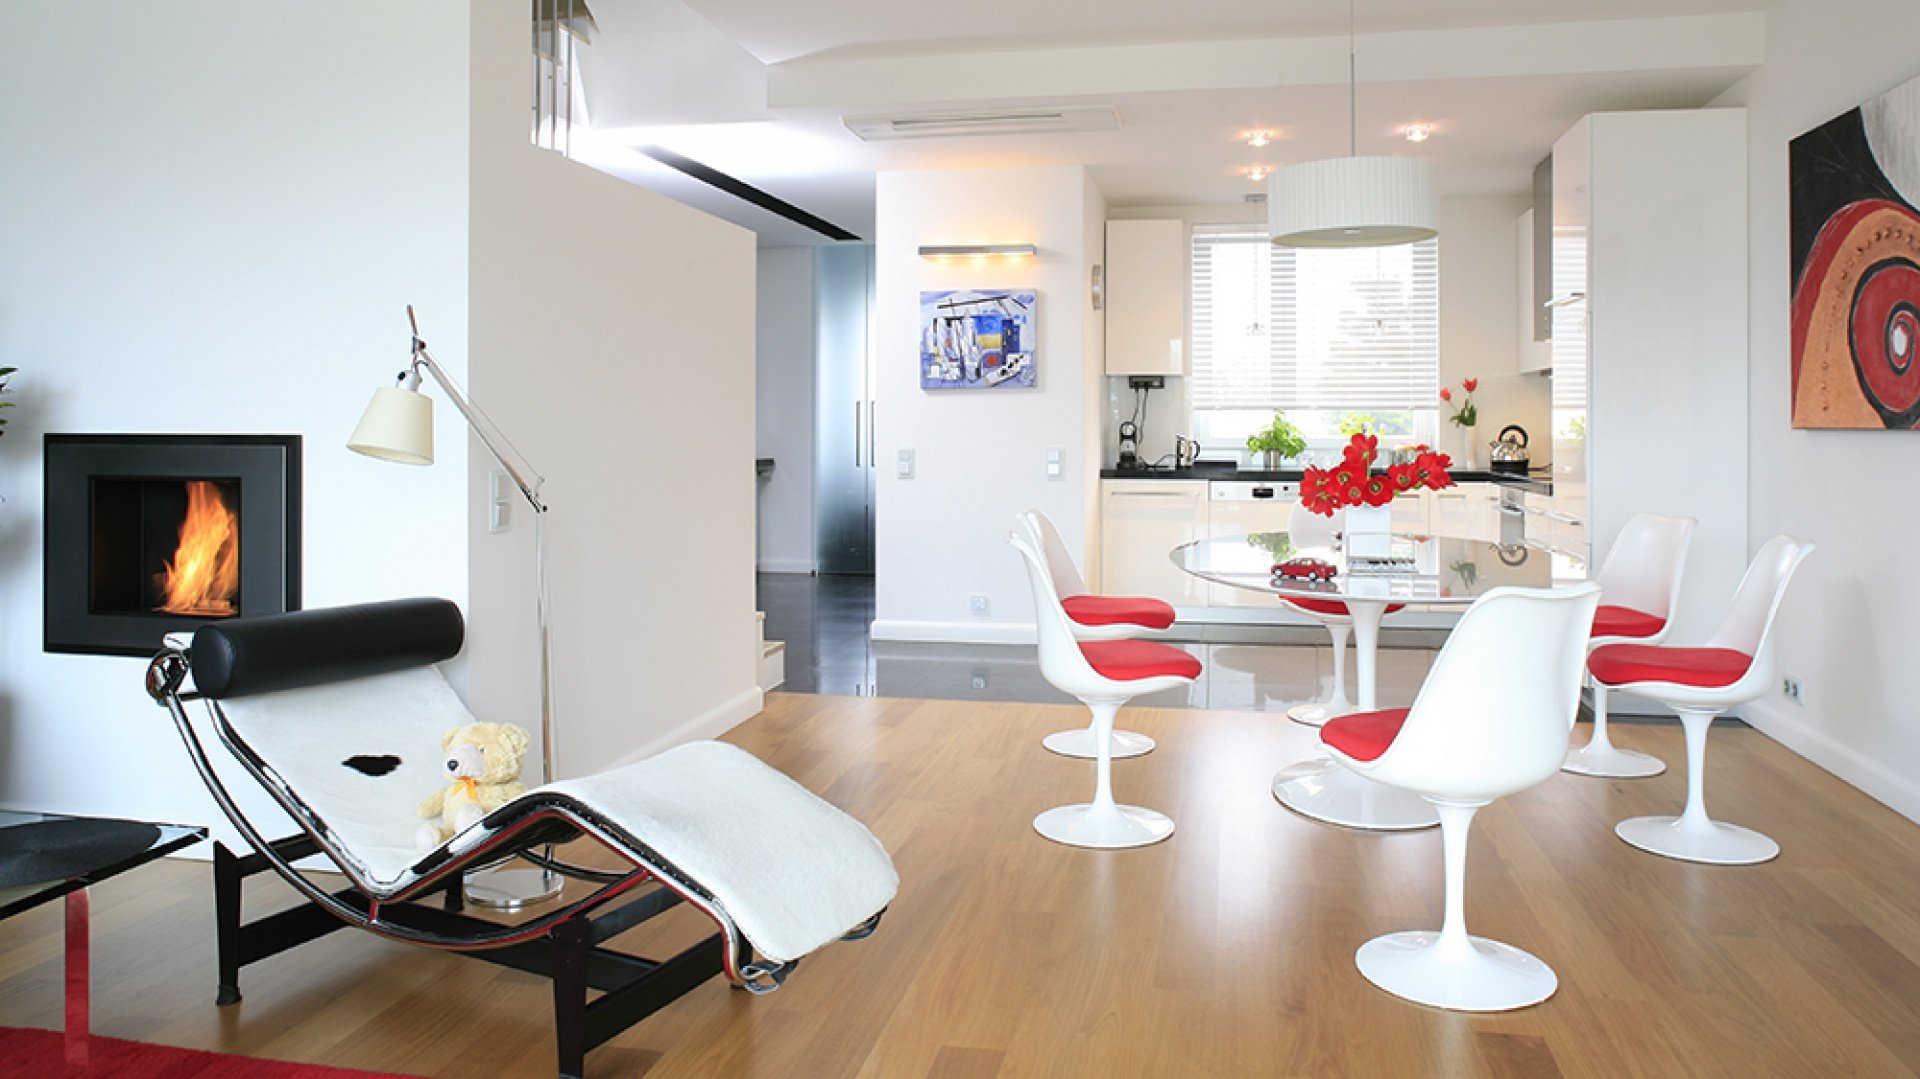 Designerska jadalnia ulokowana jest pomiędzy salonem a kuchnią, tworzy ją zestaw mebli zaprojektowanych w 1956 roku przez Eero Sararinena. Cecha charakterystyczna: każdy mebel jest na jednej nodze! Fot. Bartosz Jarosz.